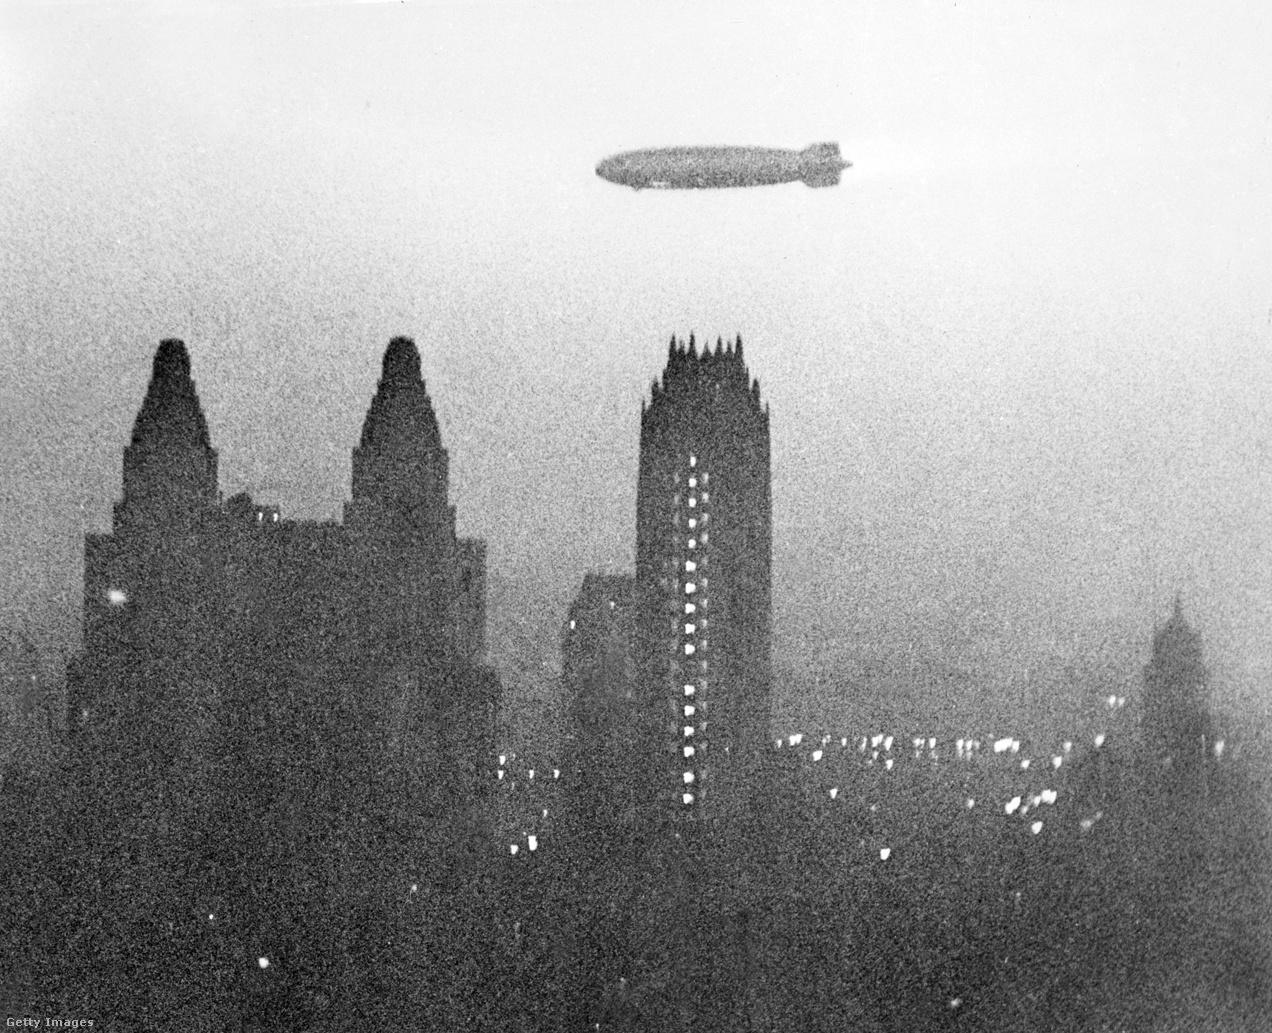 1939. május 9., New York. A Hindenburg ellebeg Manhattan felhőkarcolói fölött a kissé párás hajnali félhomályban.